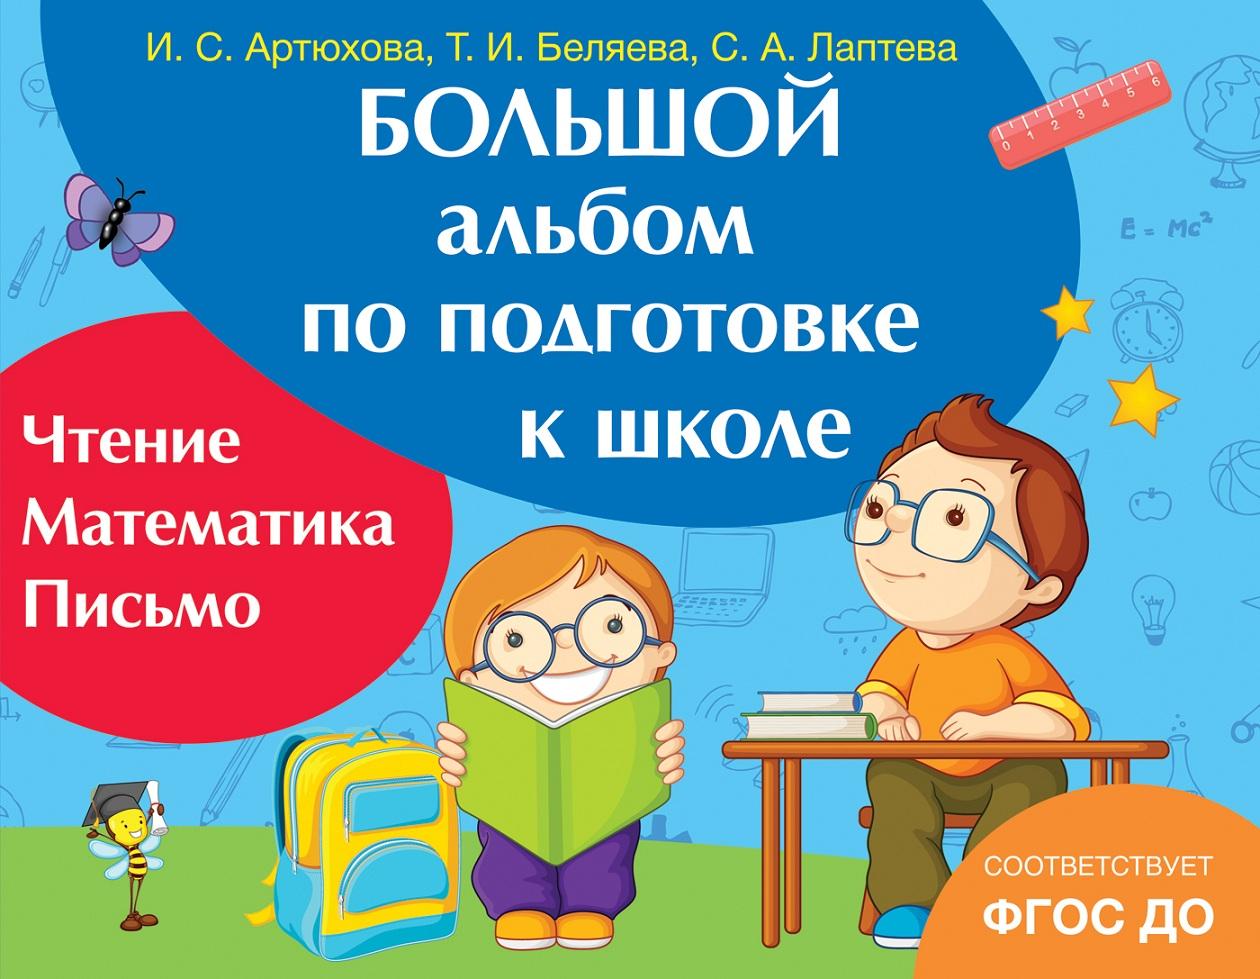 Большой альбом по подготовке к школеОбучающие книги и задания<br>Большой альбом по подготовке к школе<br>